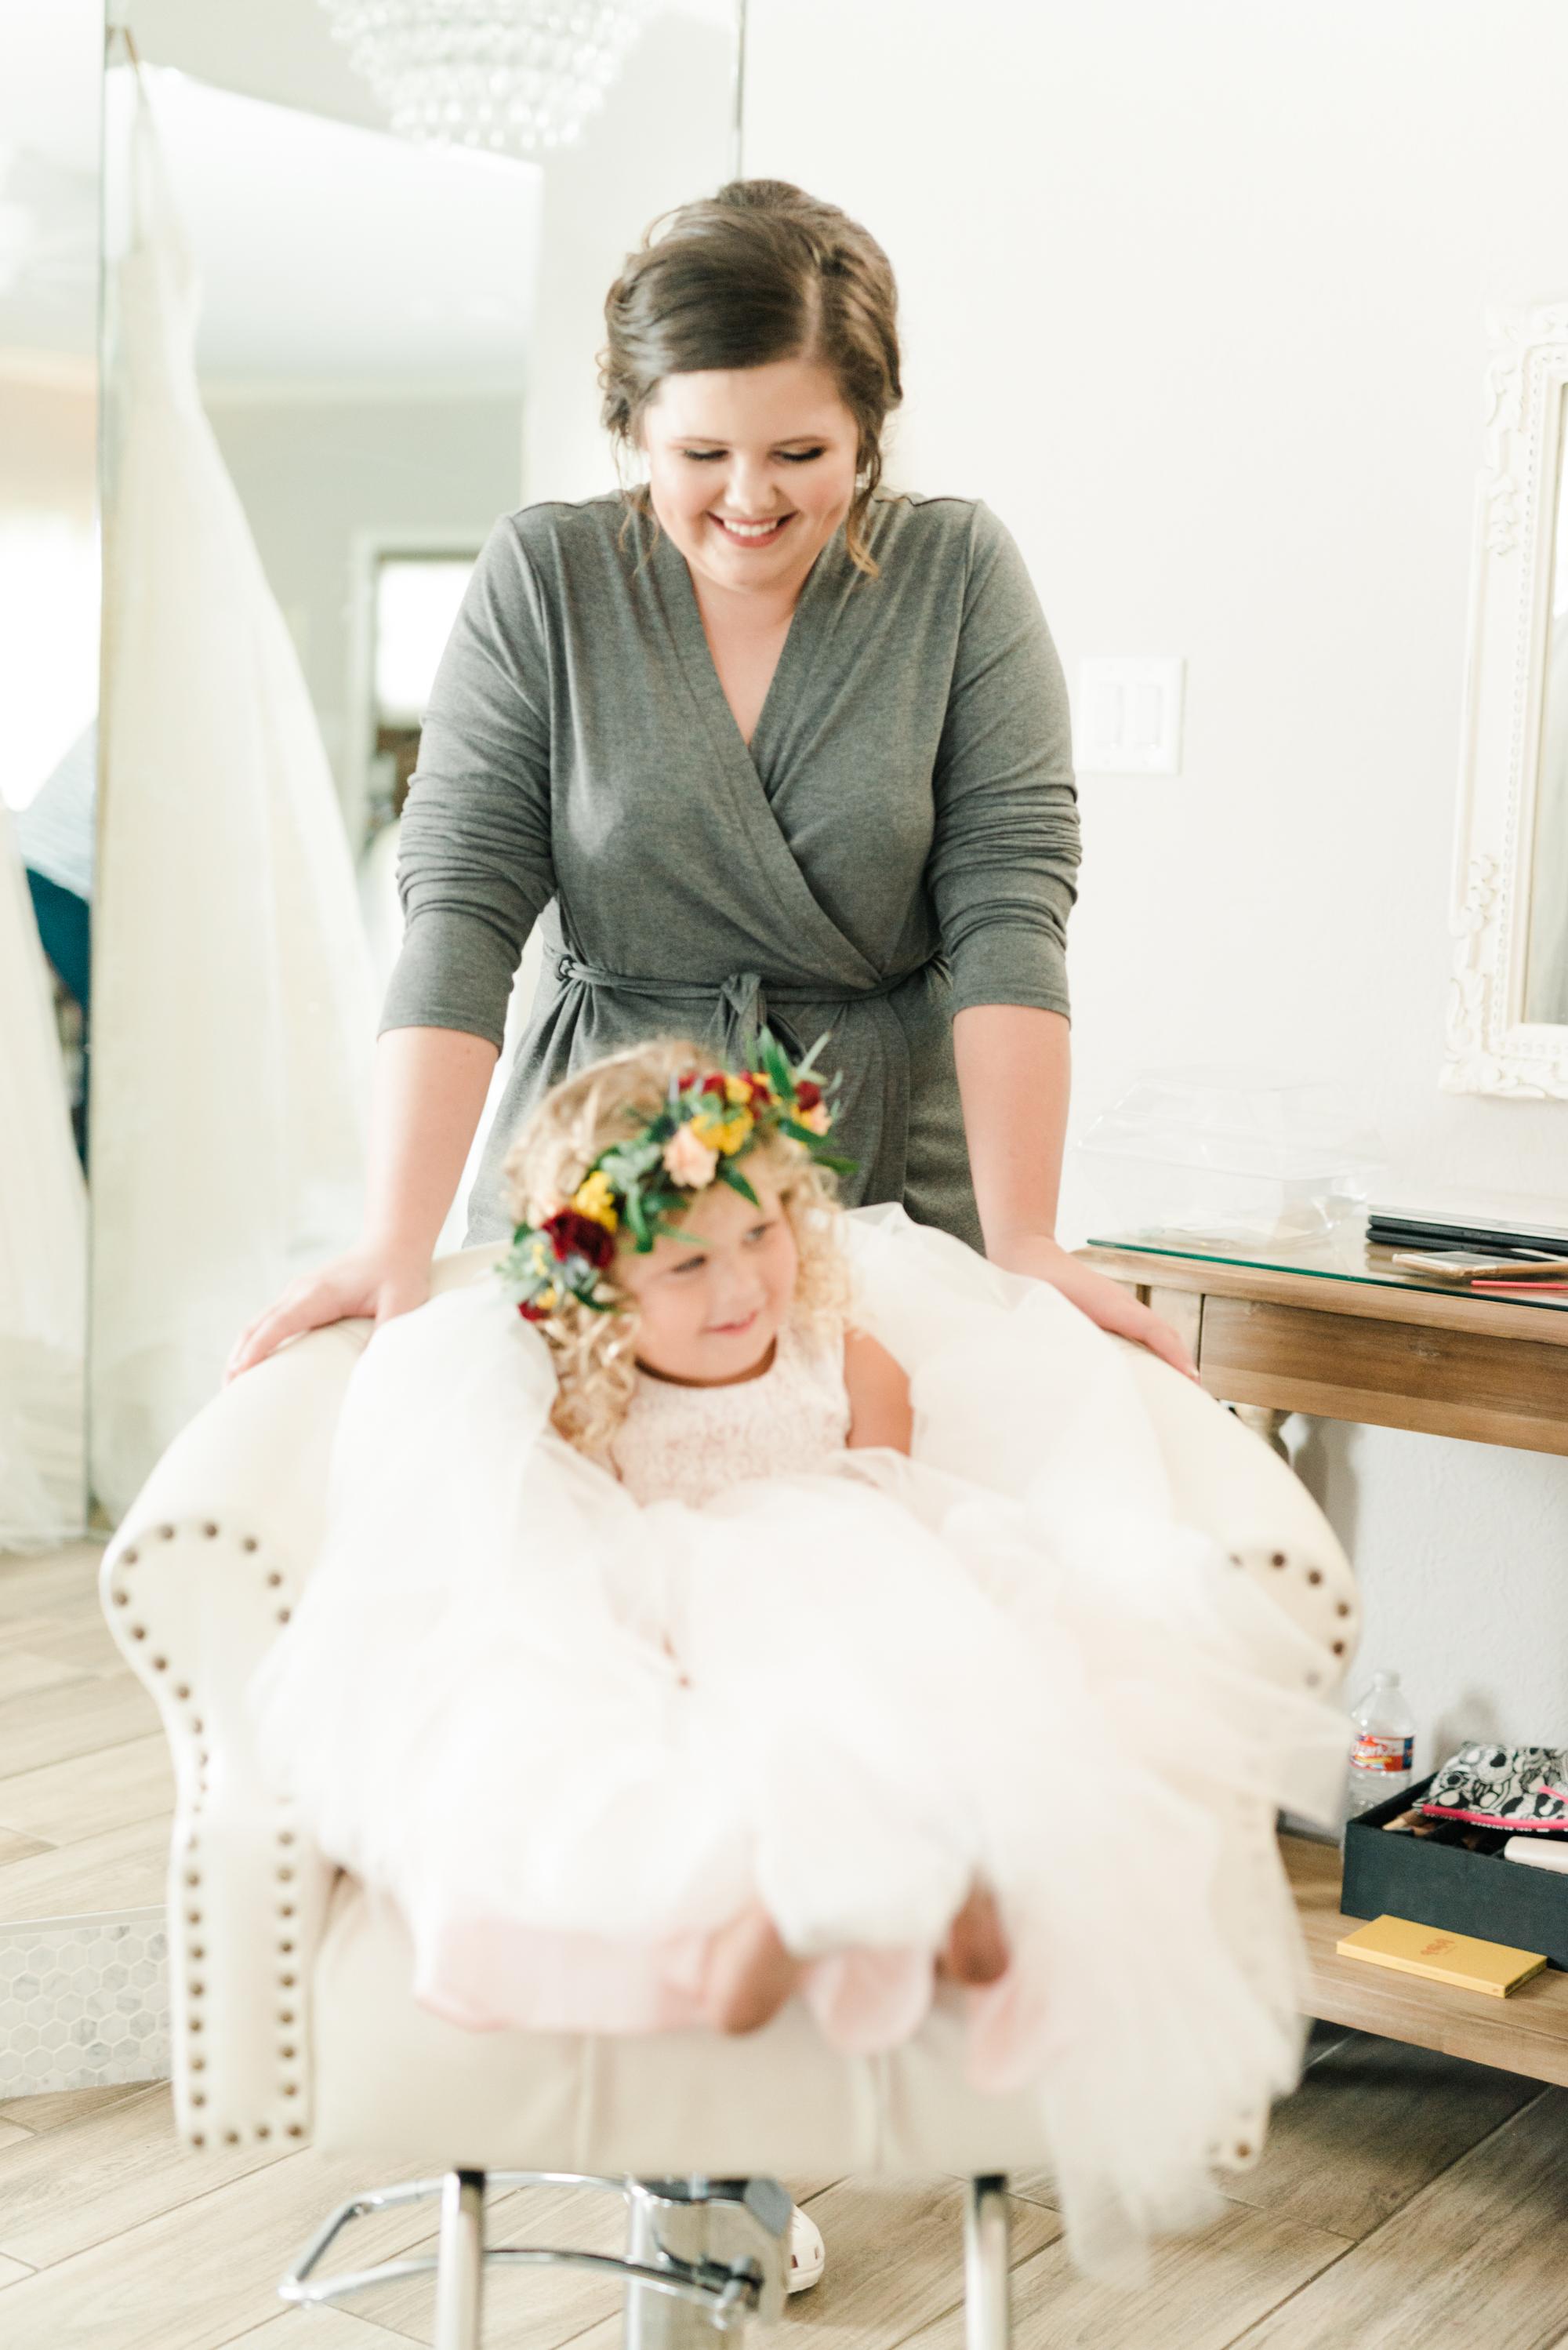 Wesley-Wedding-Ten23-Photography-76.jpg